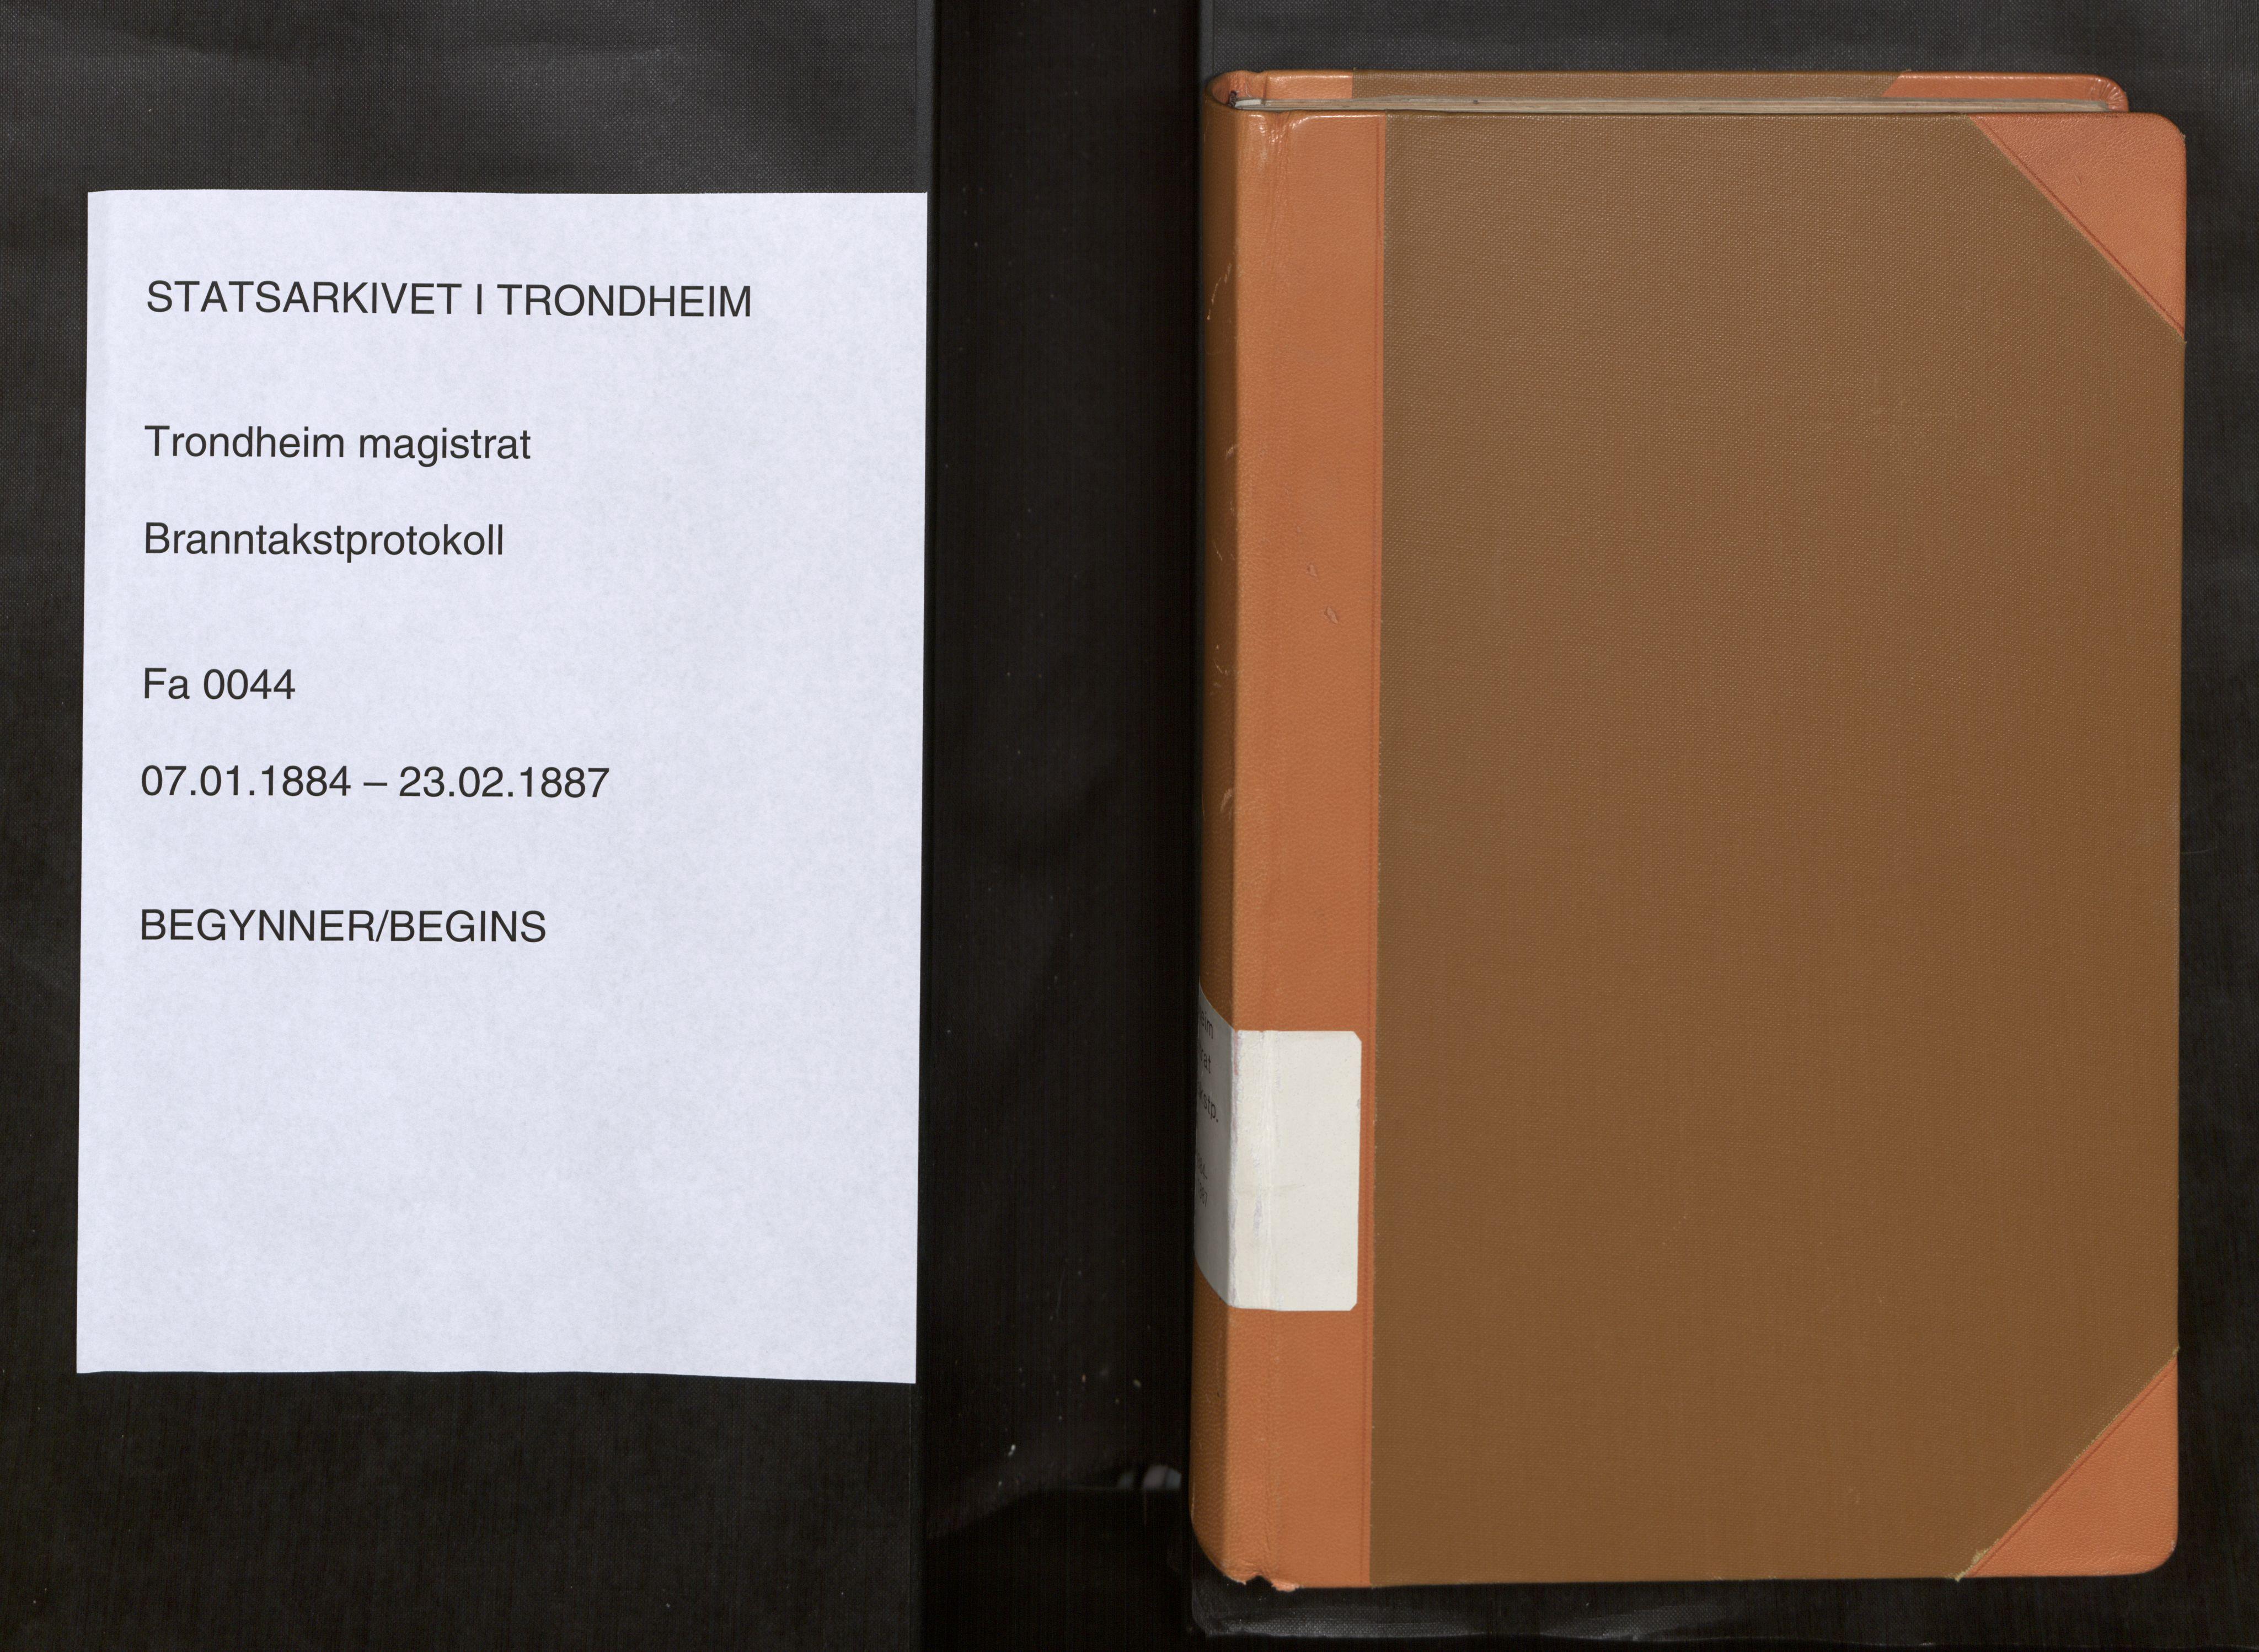 SAT, Norges Brannkasse Trondheim magistrat, Fa/L0050: Branntakstprotokoll O, 1884-1887